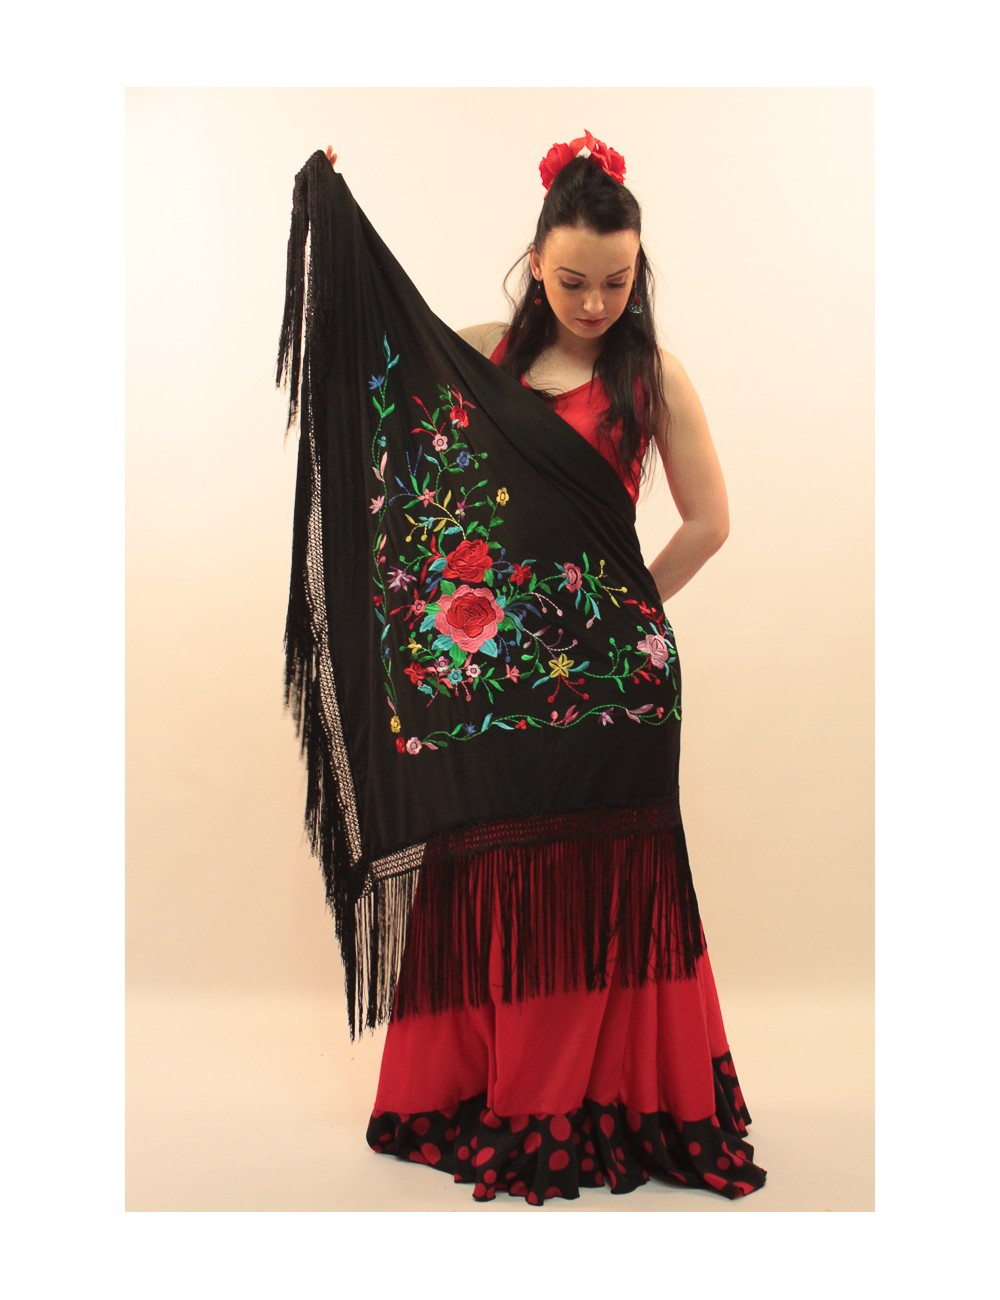 châle flamenco noir brodé muliticolor